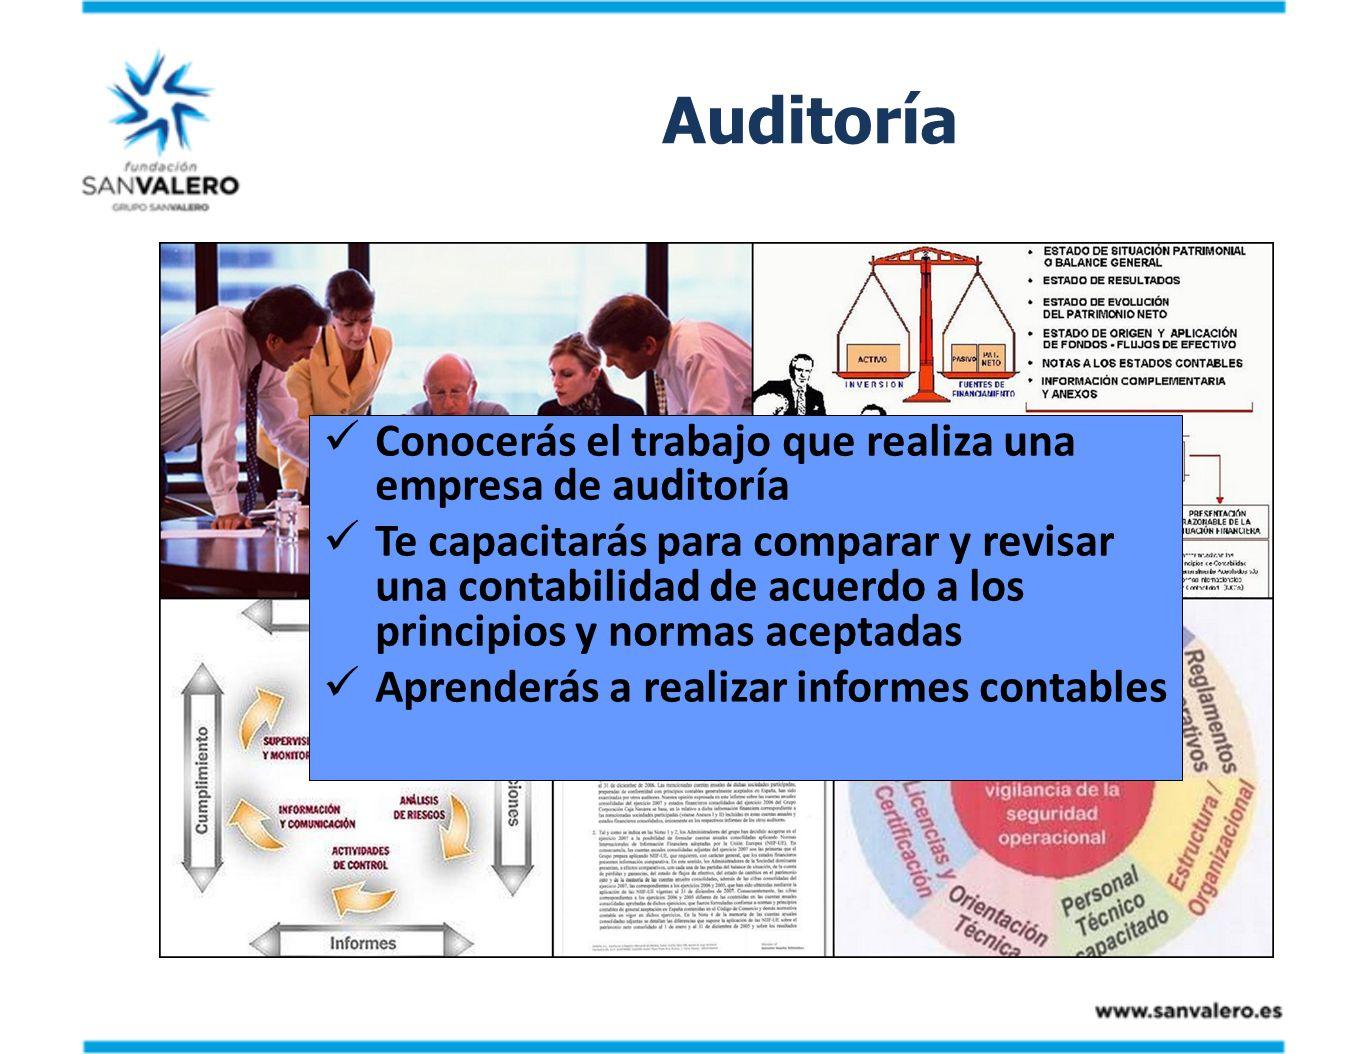 Auditoría Conocerás el trabajo que realiza una empresa de auditoría